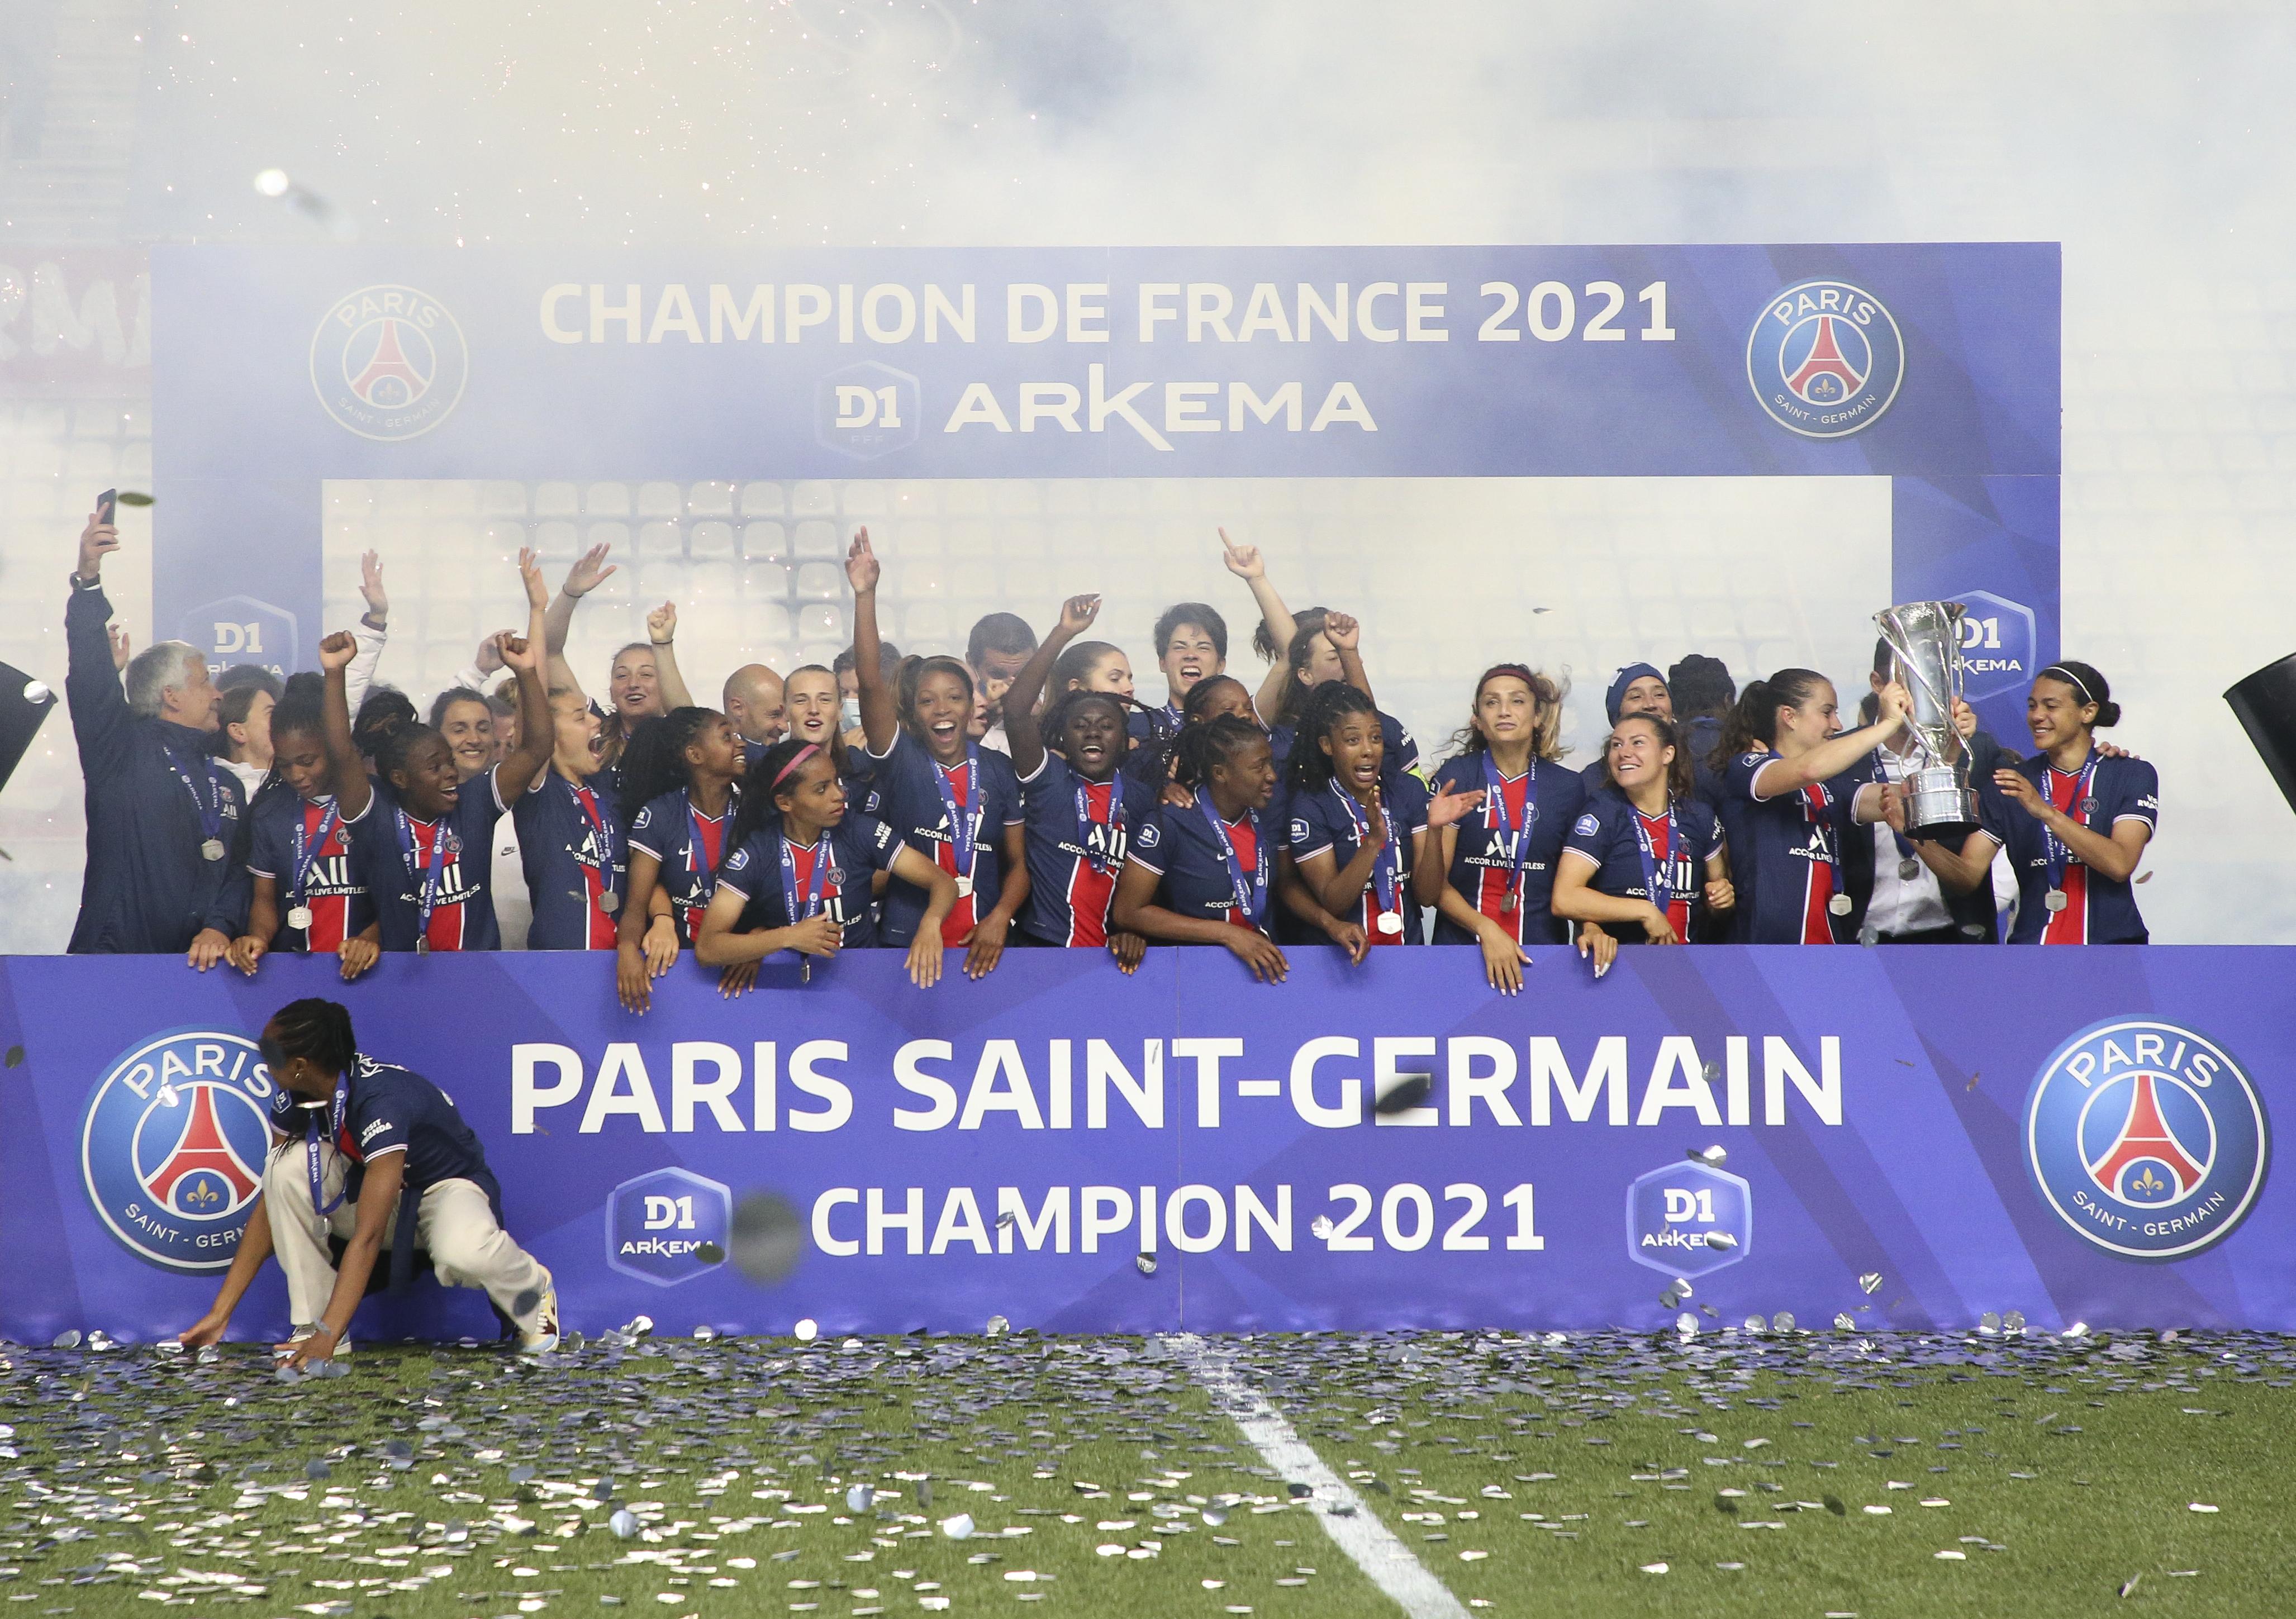 Paris Saint-Germain v Dijon FCO - D1 Arkema